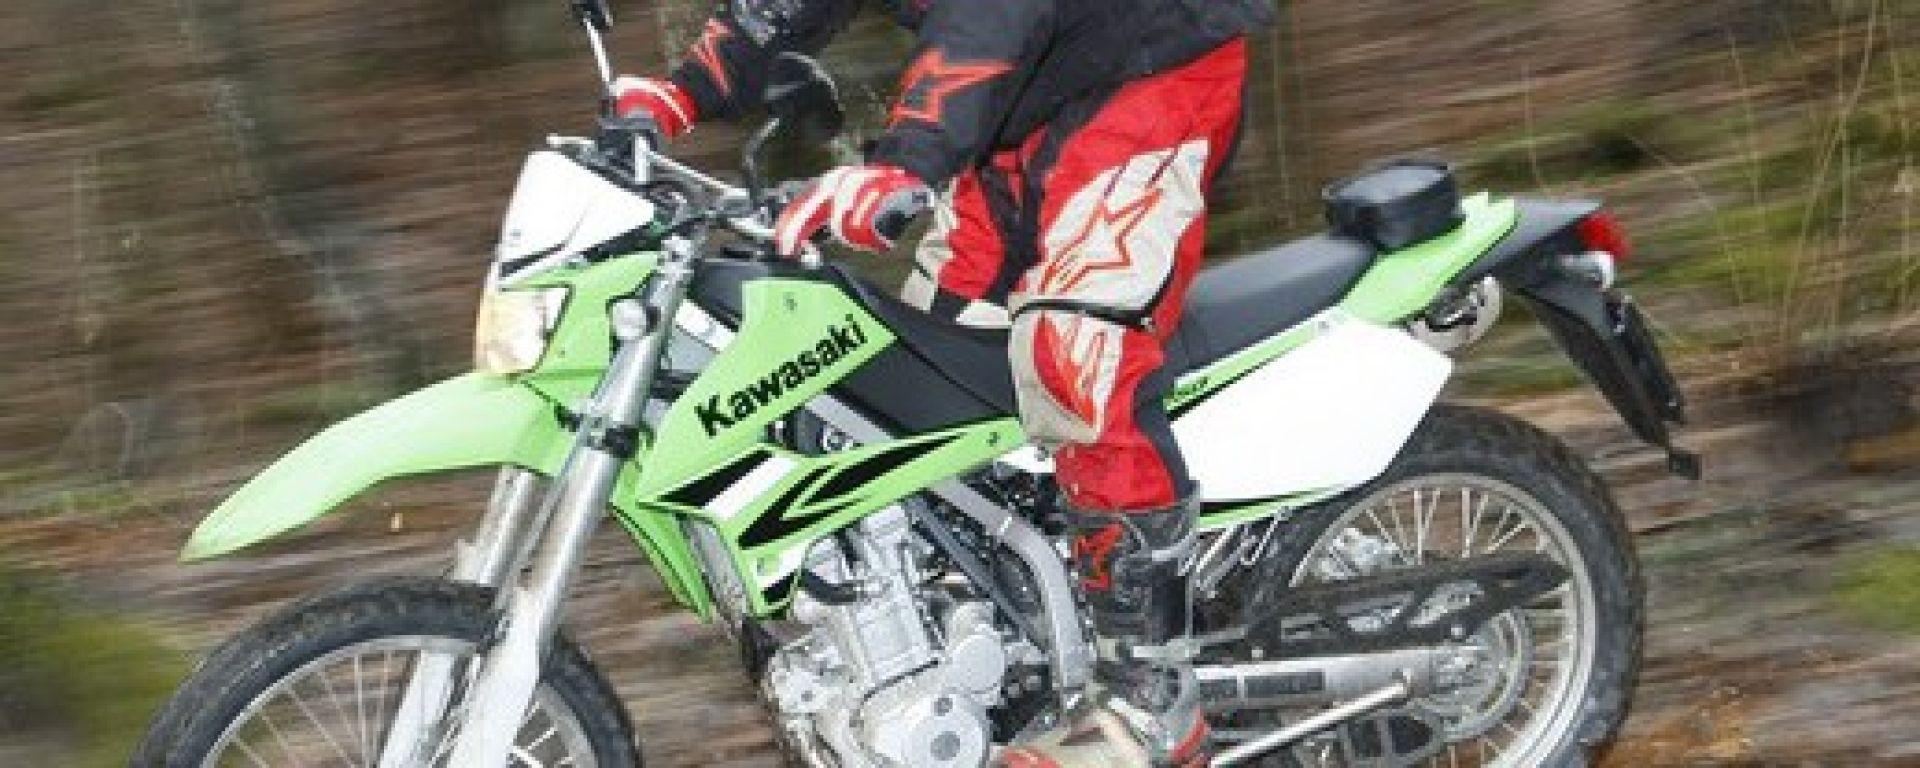 Kawasaki KLX 250 '09